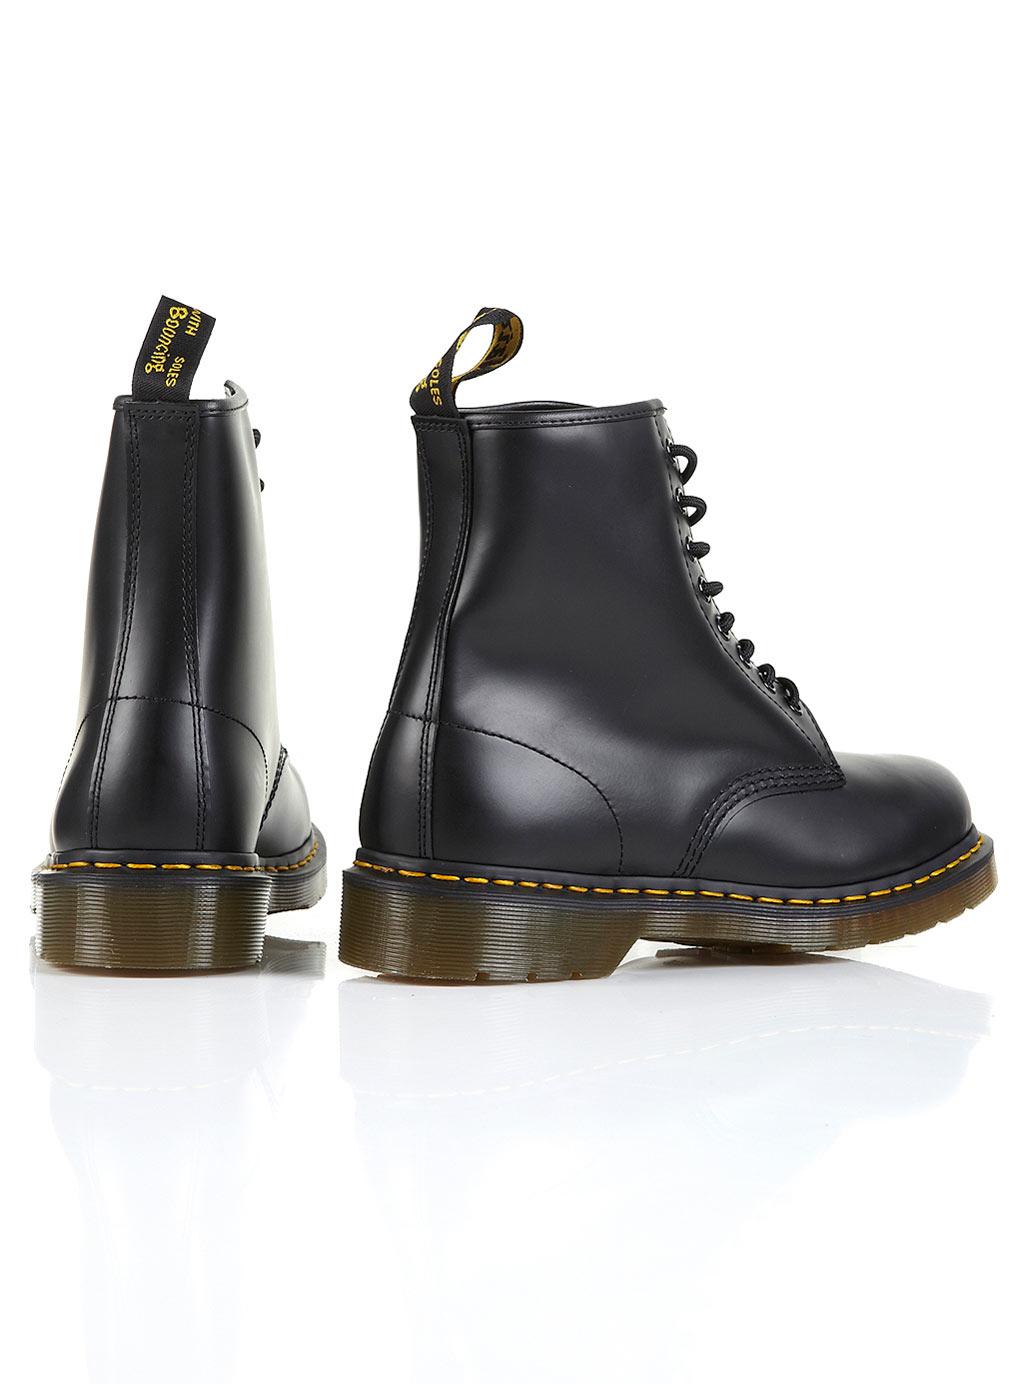 dr martens dr martens original 8 hole boots in black for men lyst. Black Bedroom Furniture Sets. Home Design Ideas